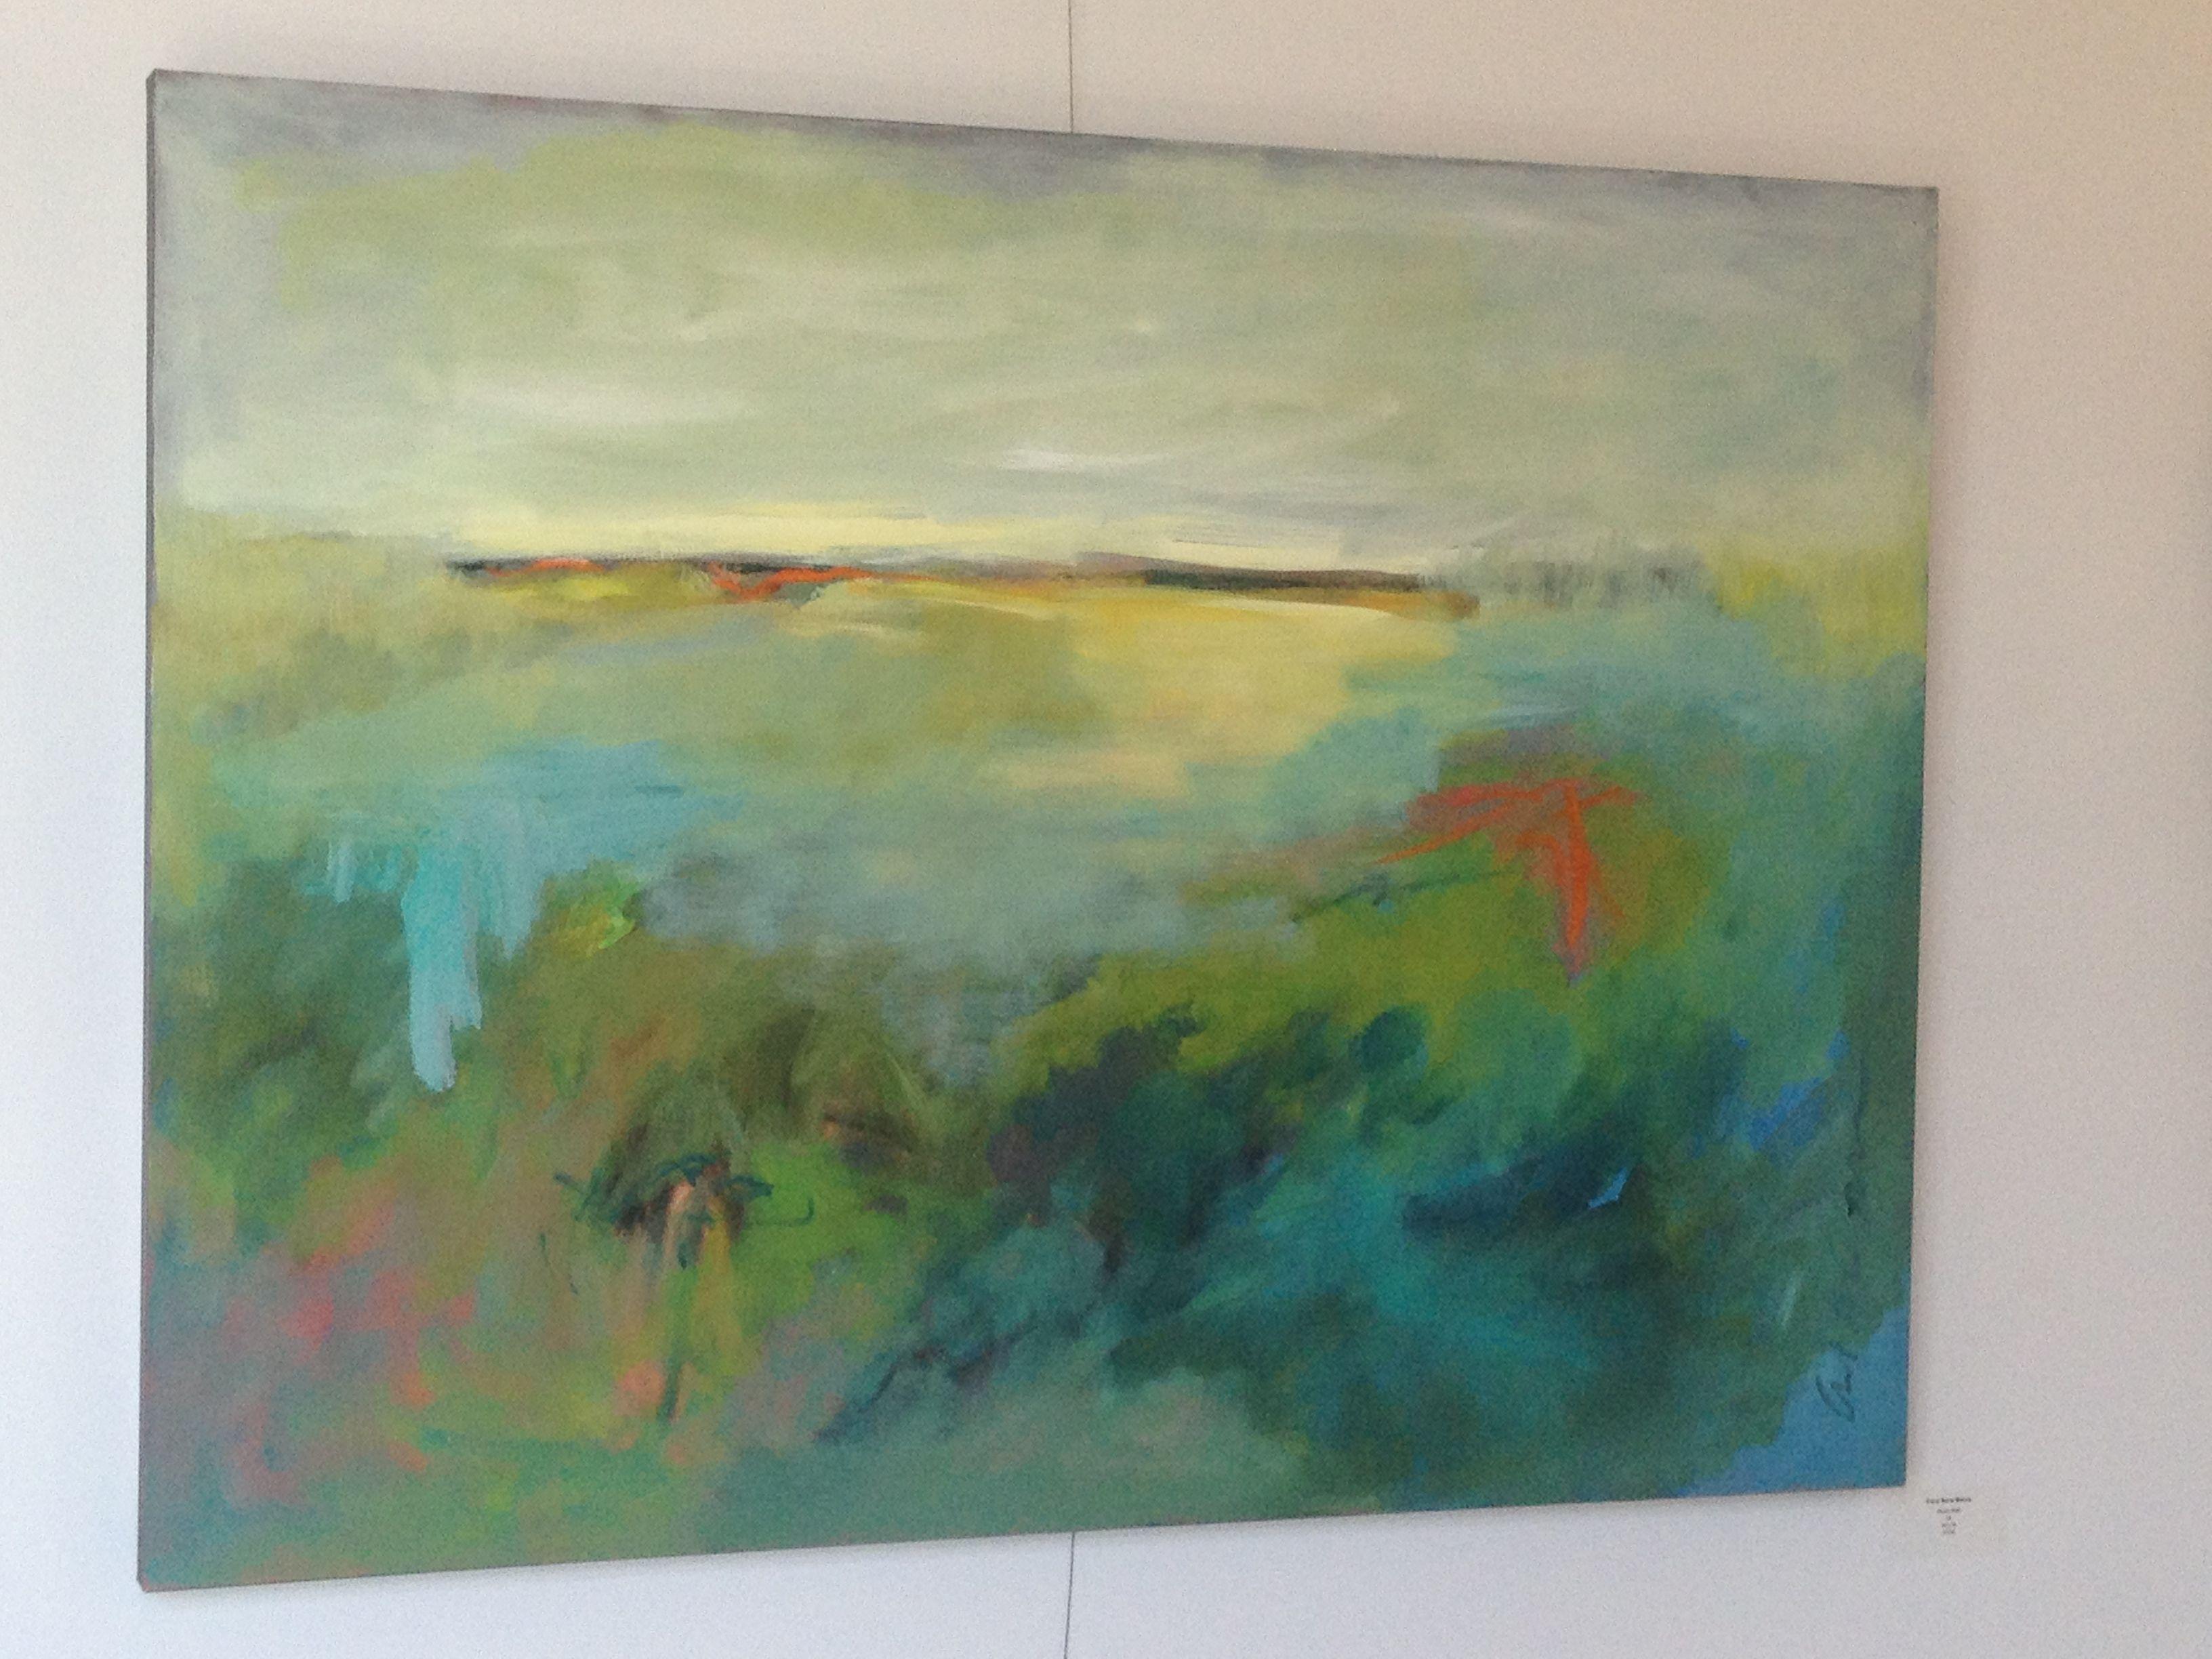 Gallery in ashlnd